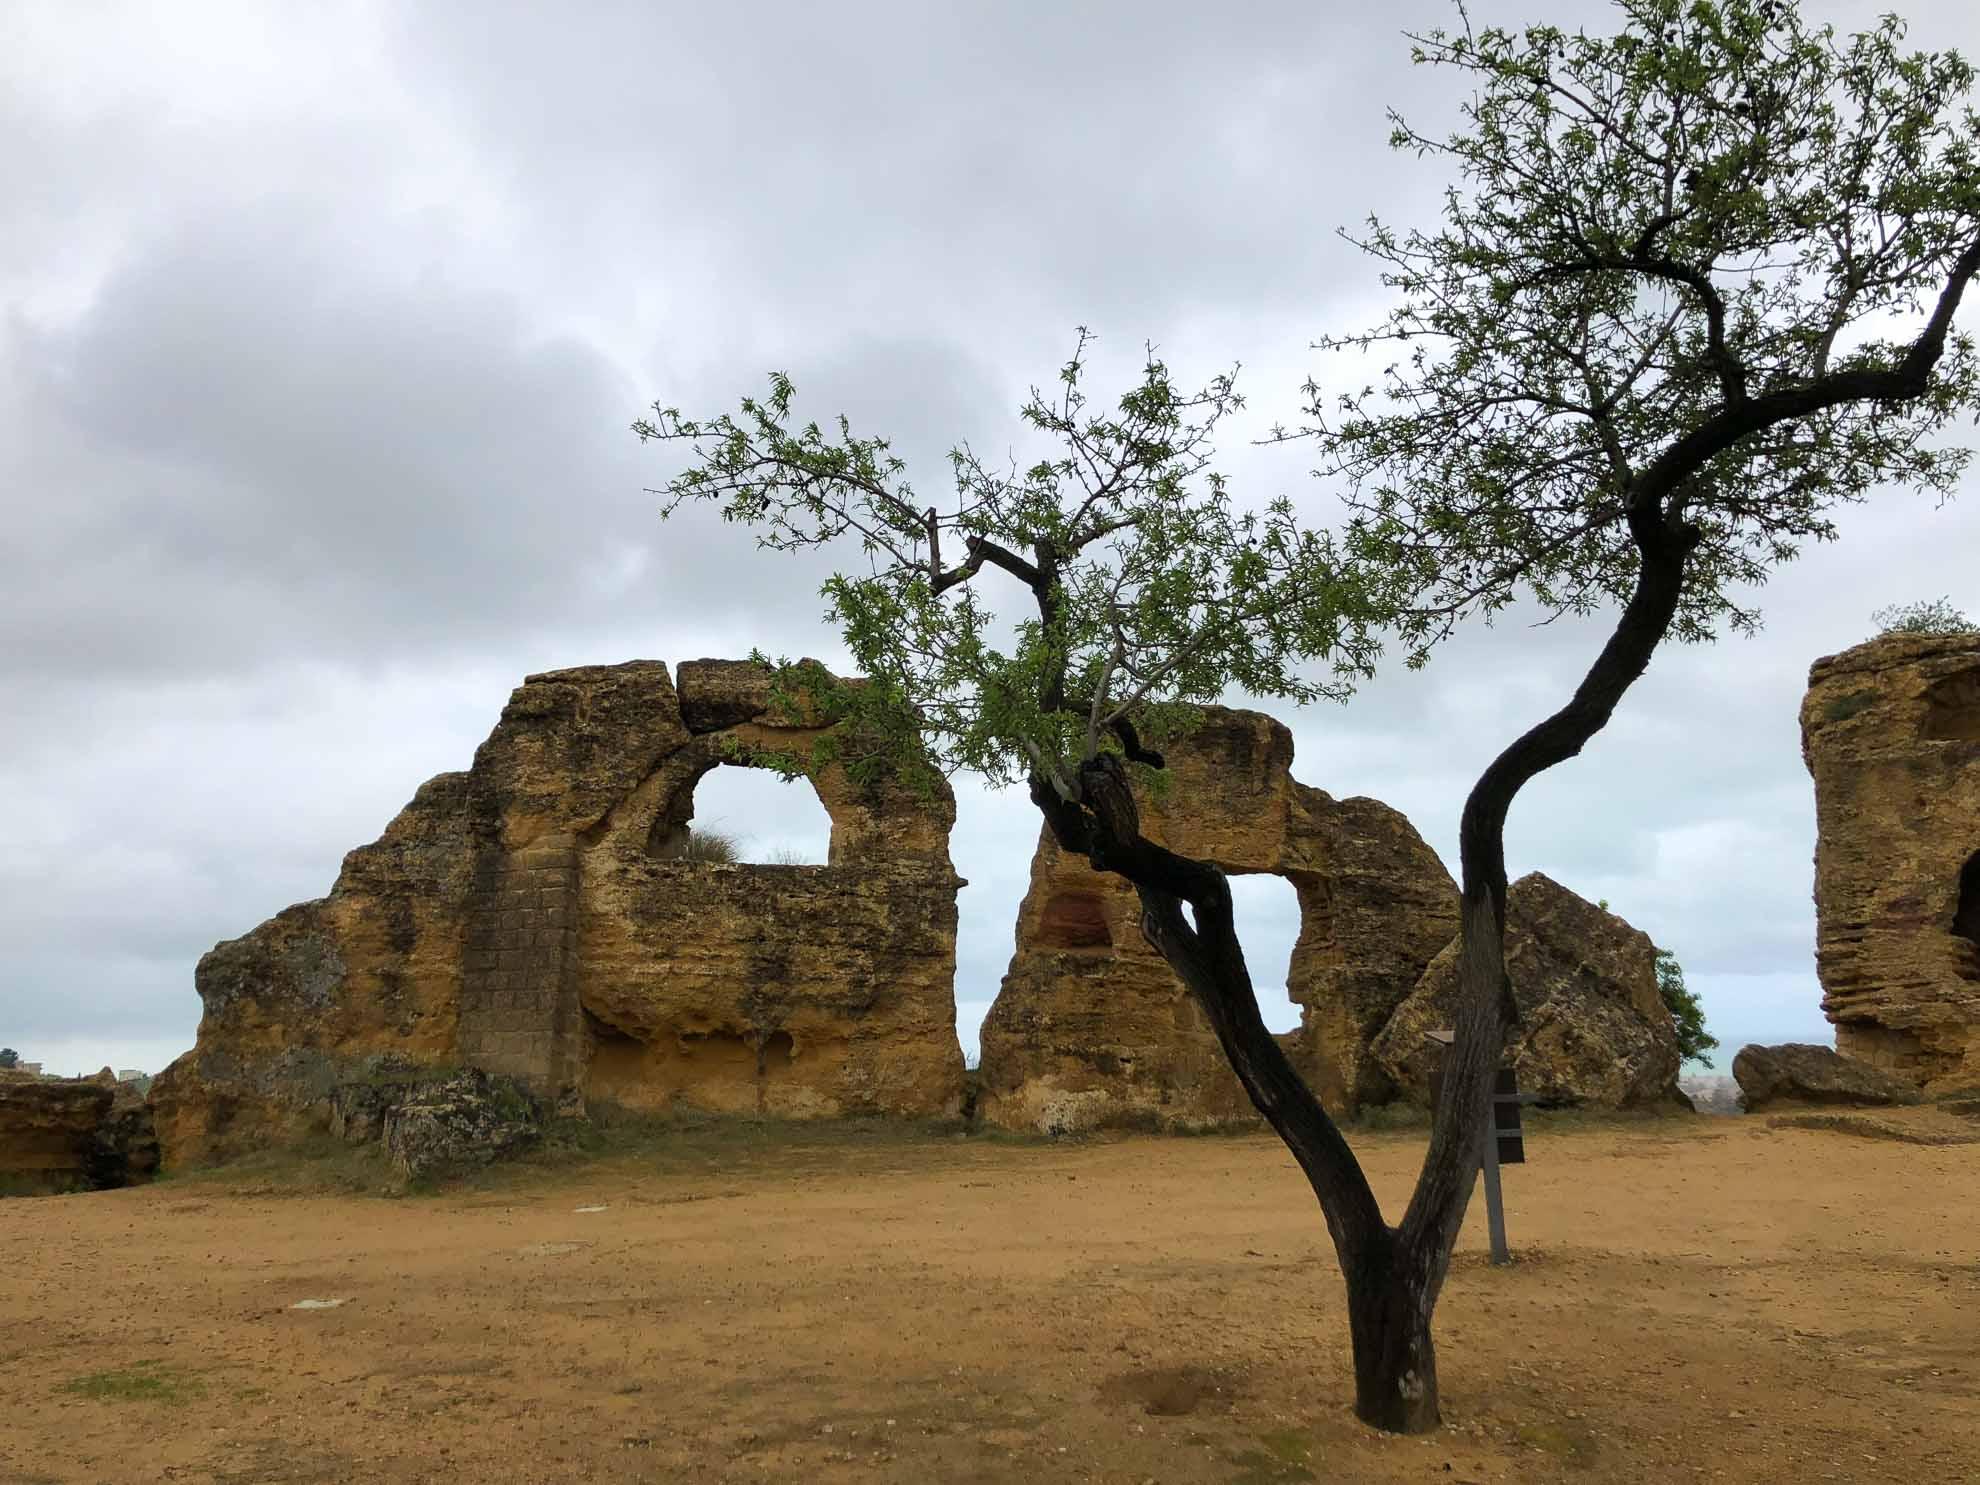 Auf den archäologischen Fundstätten von Agrigent finden sich Überreste des einstigen Akragas.